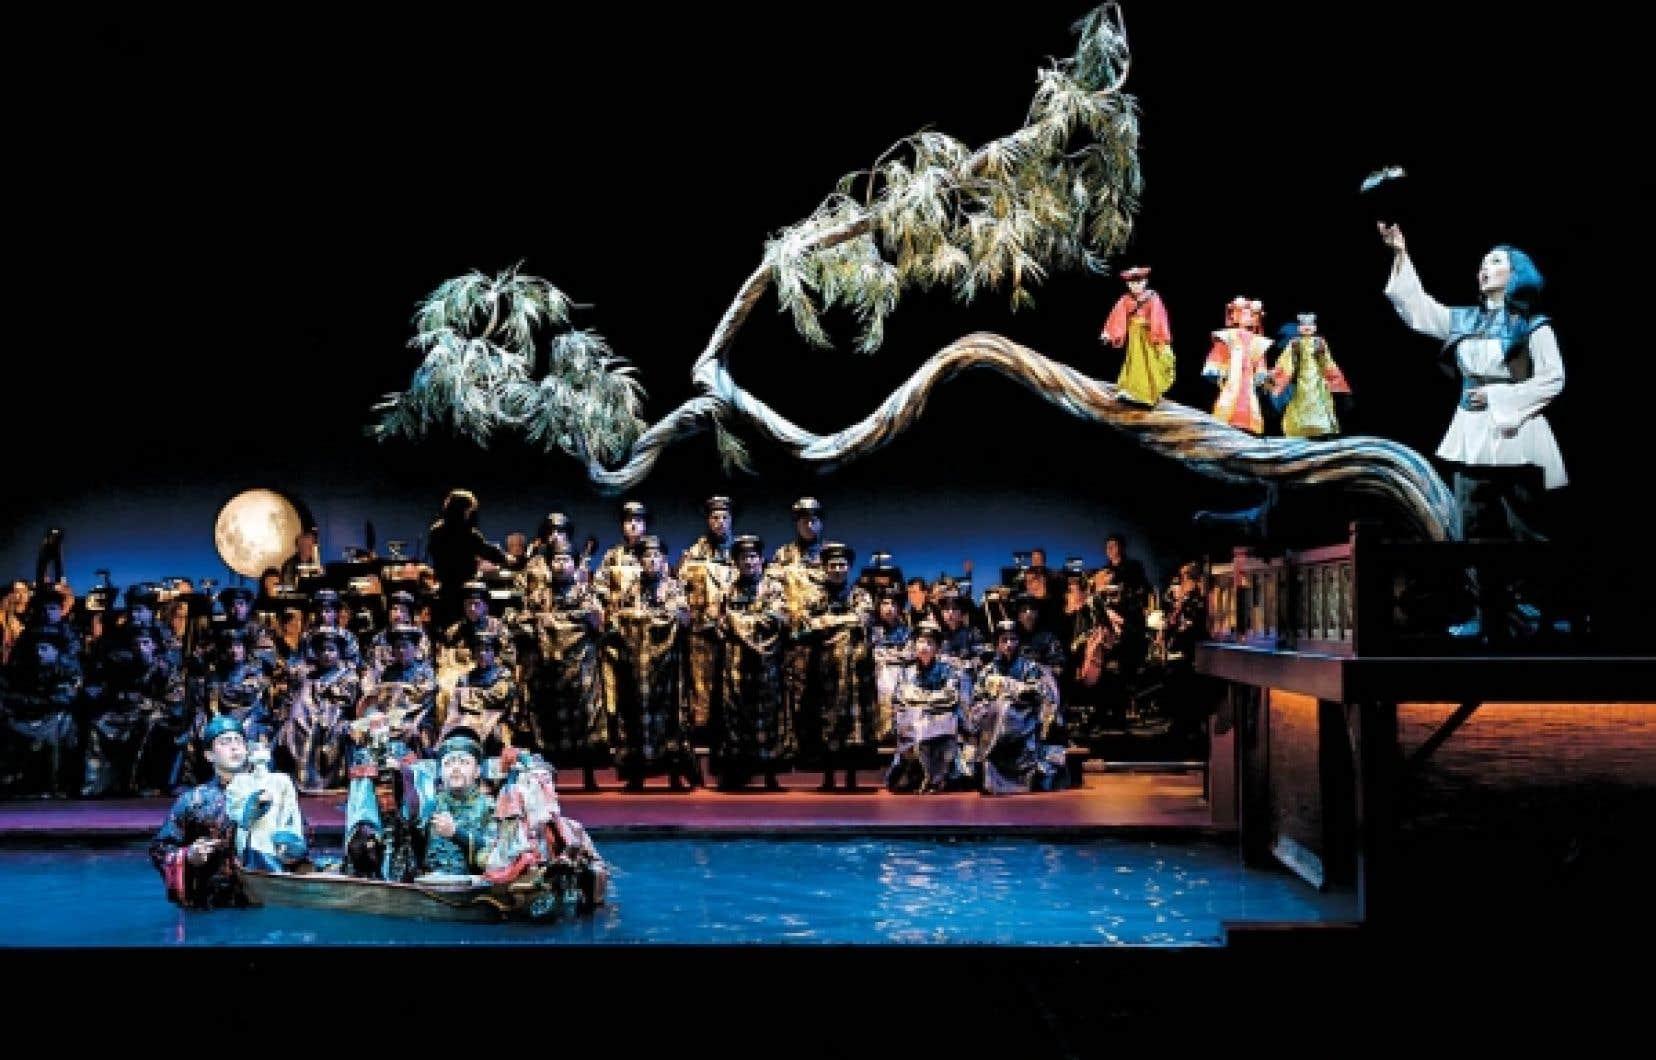 Le magique Rossignol et autres fables de Robert Lepage est la tête d'affiche du Festival d'opéra de Québec, qui se tiendra du lundi 25 juillet <br /> au samedi 6 août prochain.<br />